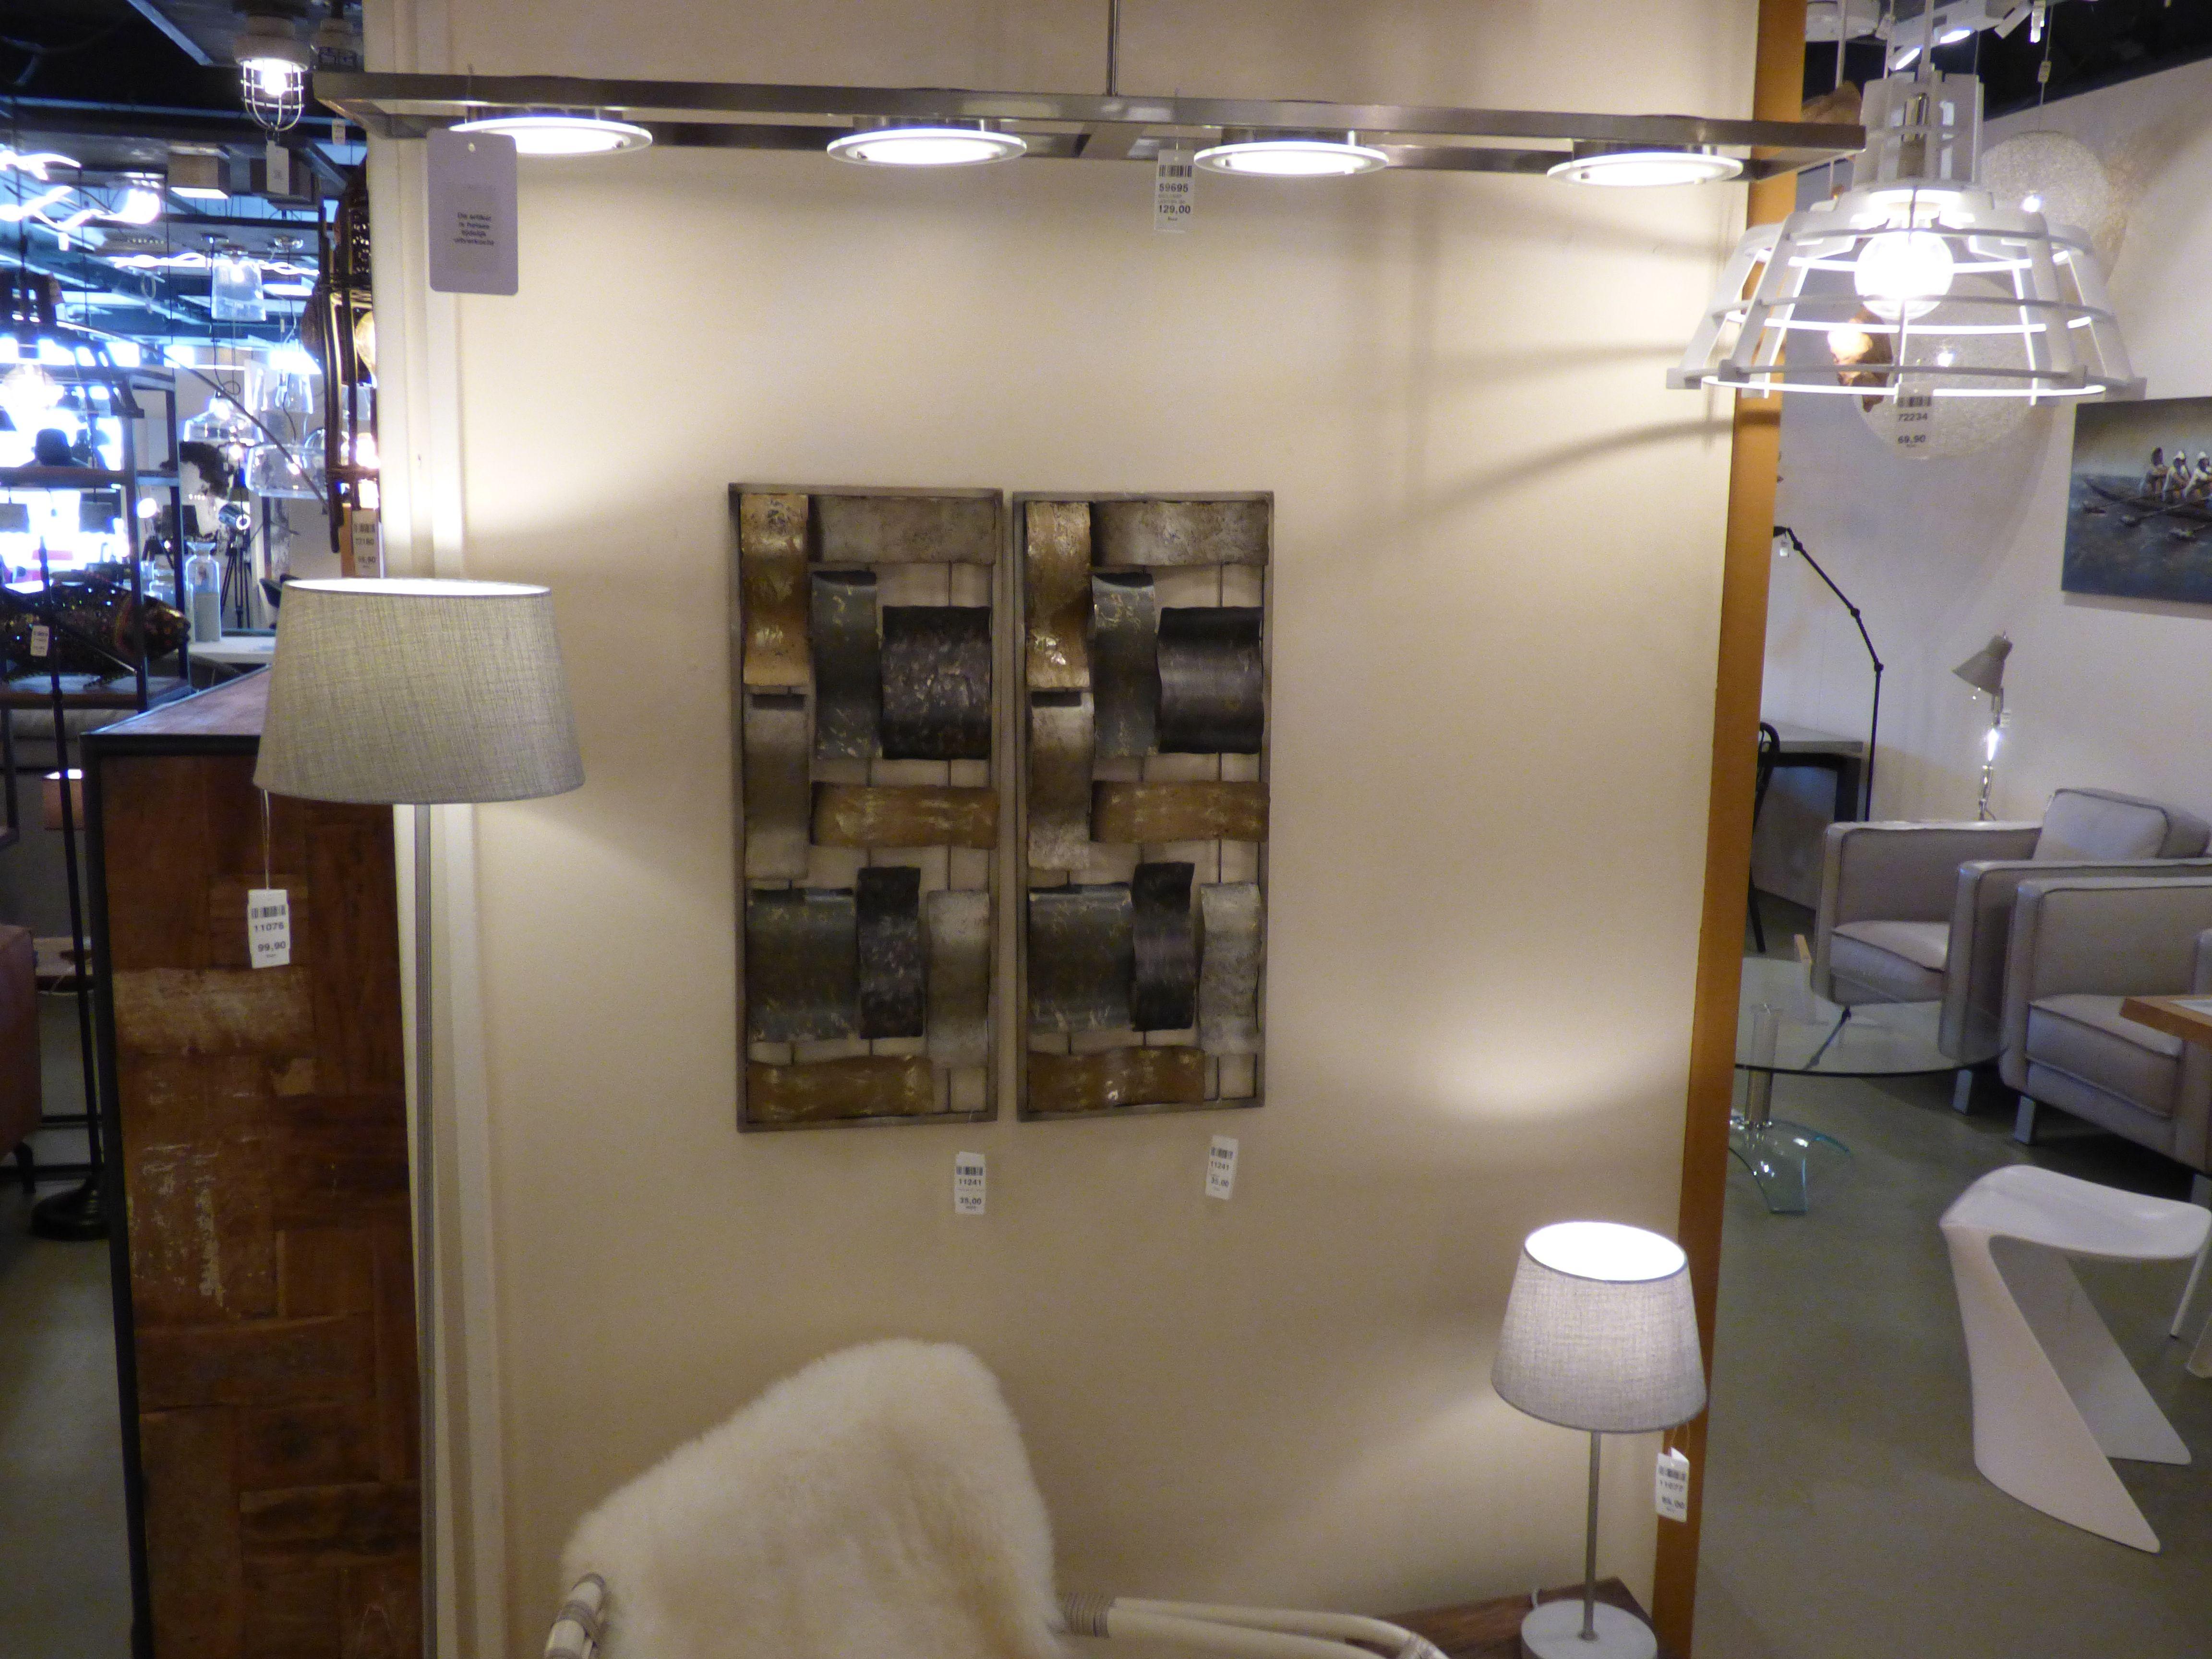 wanddecoratie schilderij showroom foto wanddecoratie of verlichting ...